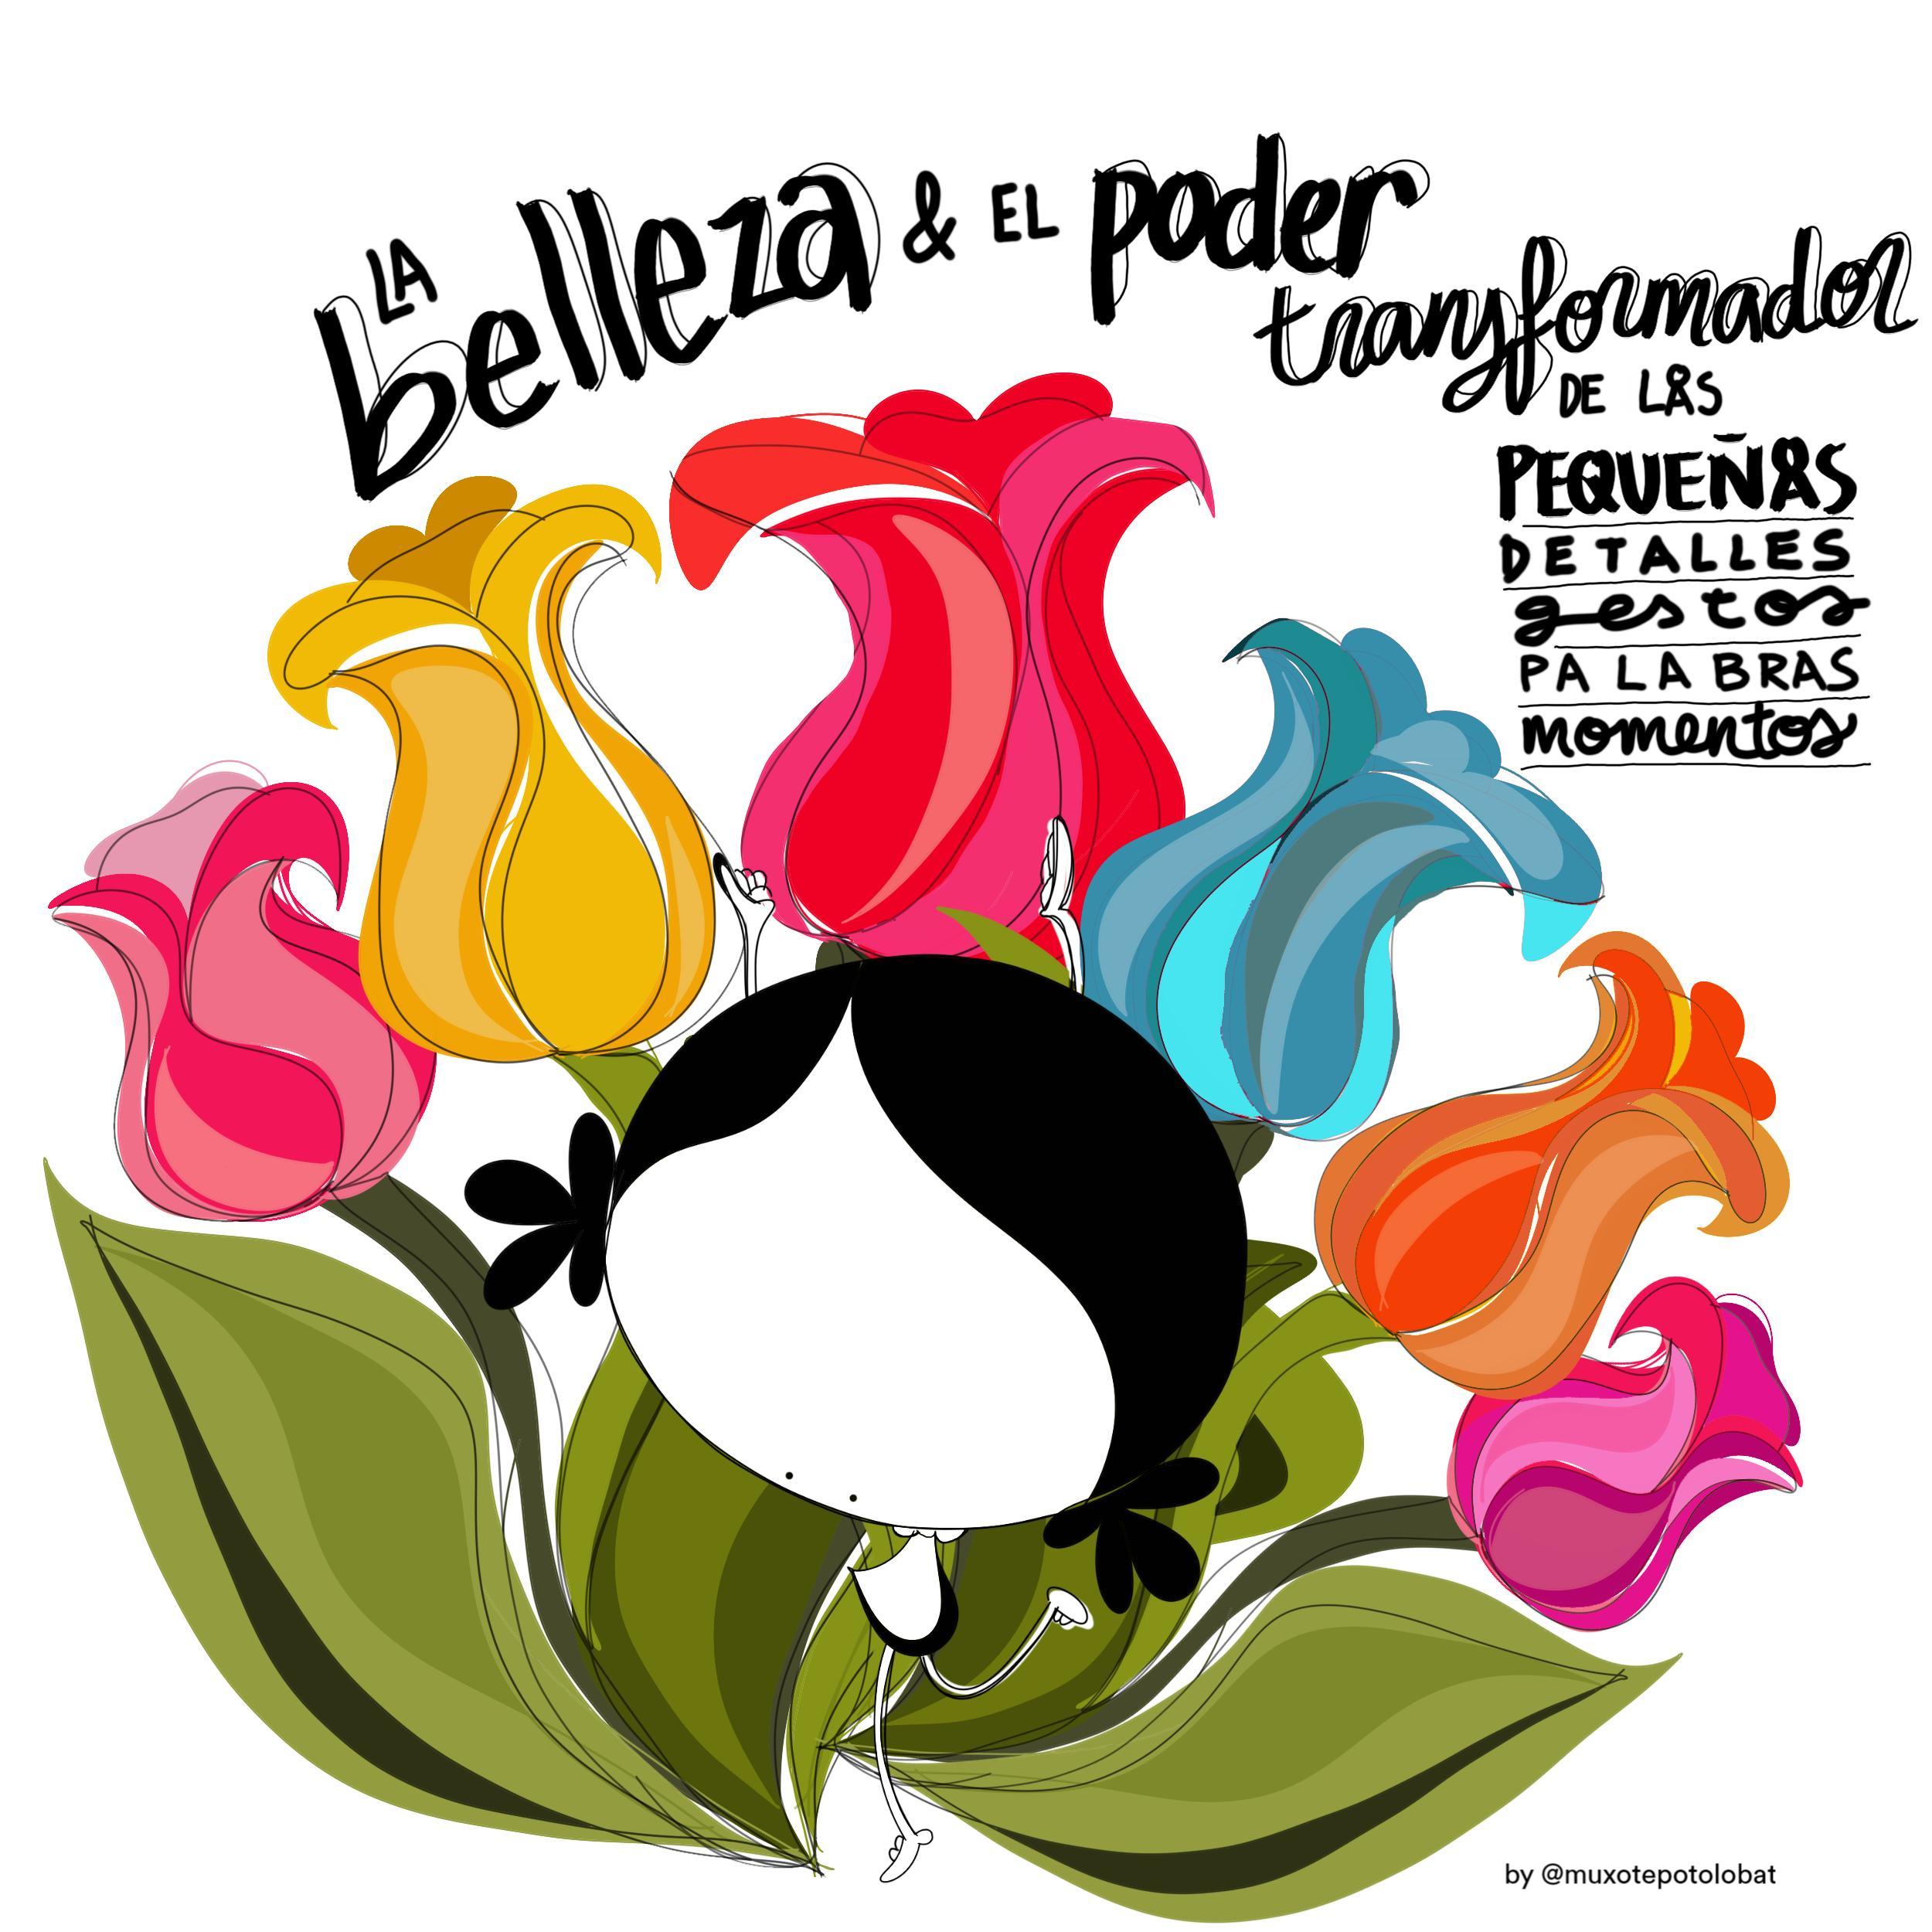 La belleza y el poder transformador by Muxote Potolo Bat